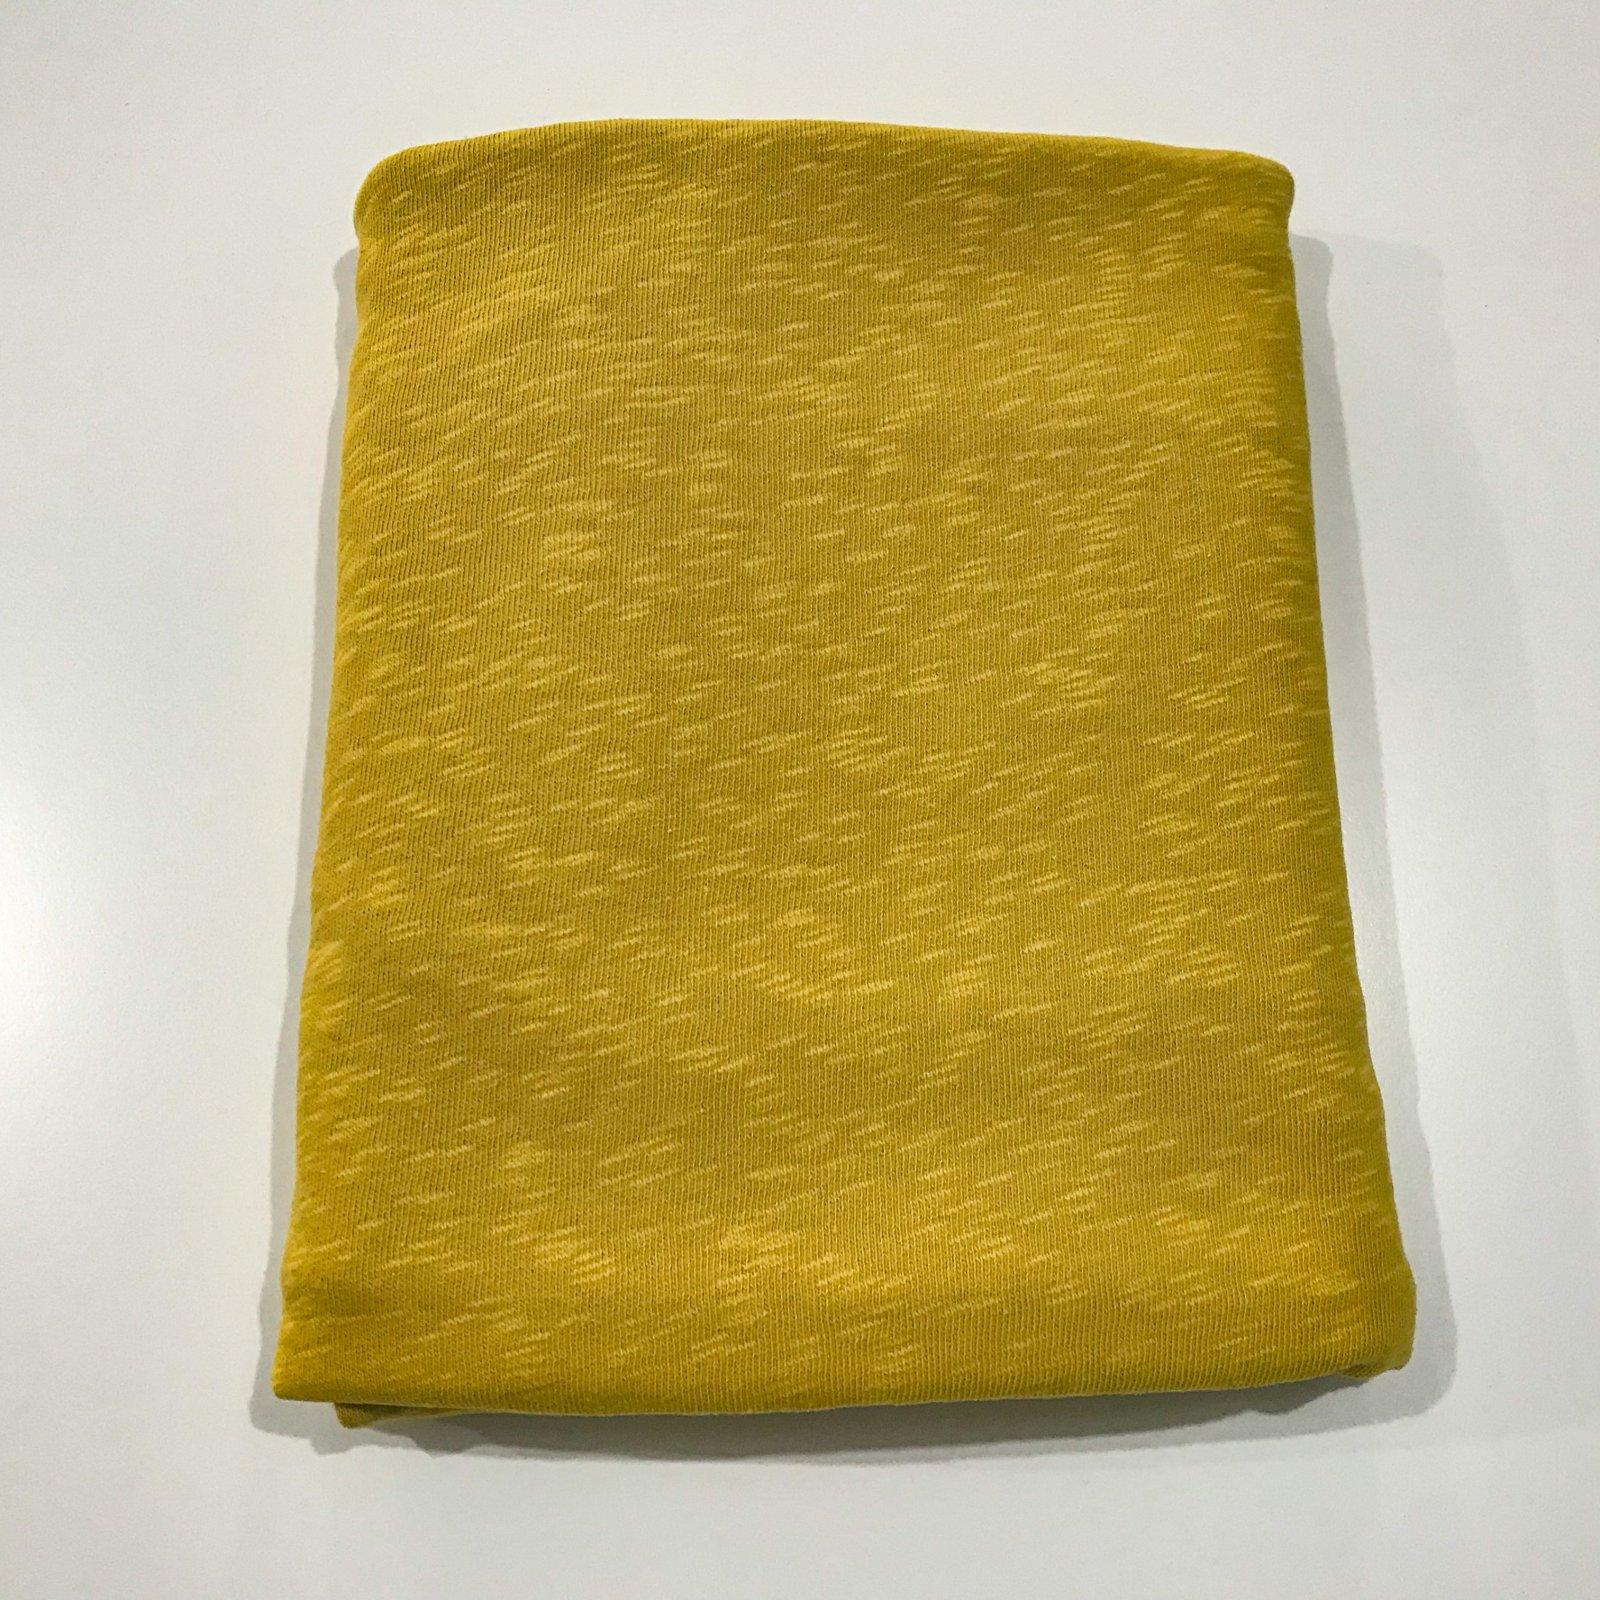 2 yards - Cotton Slub Knit - Mustard